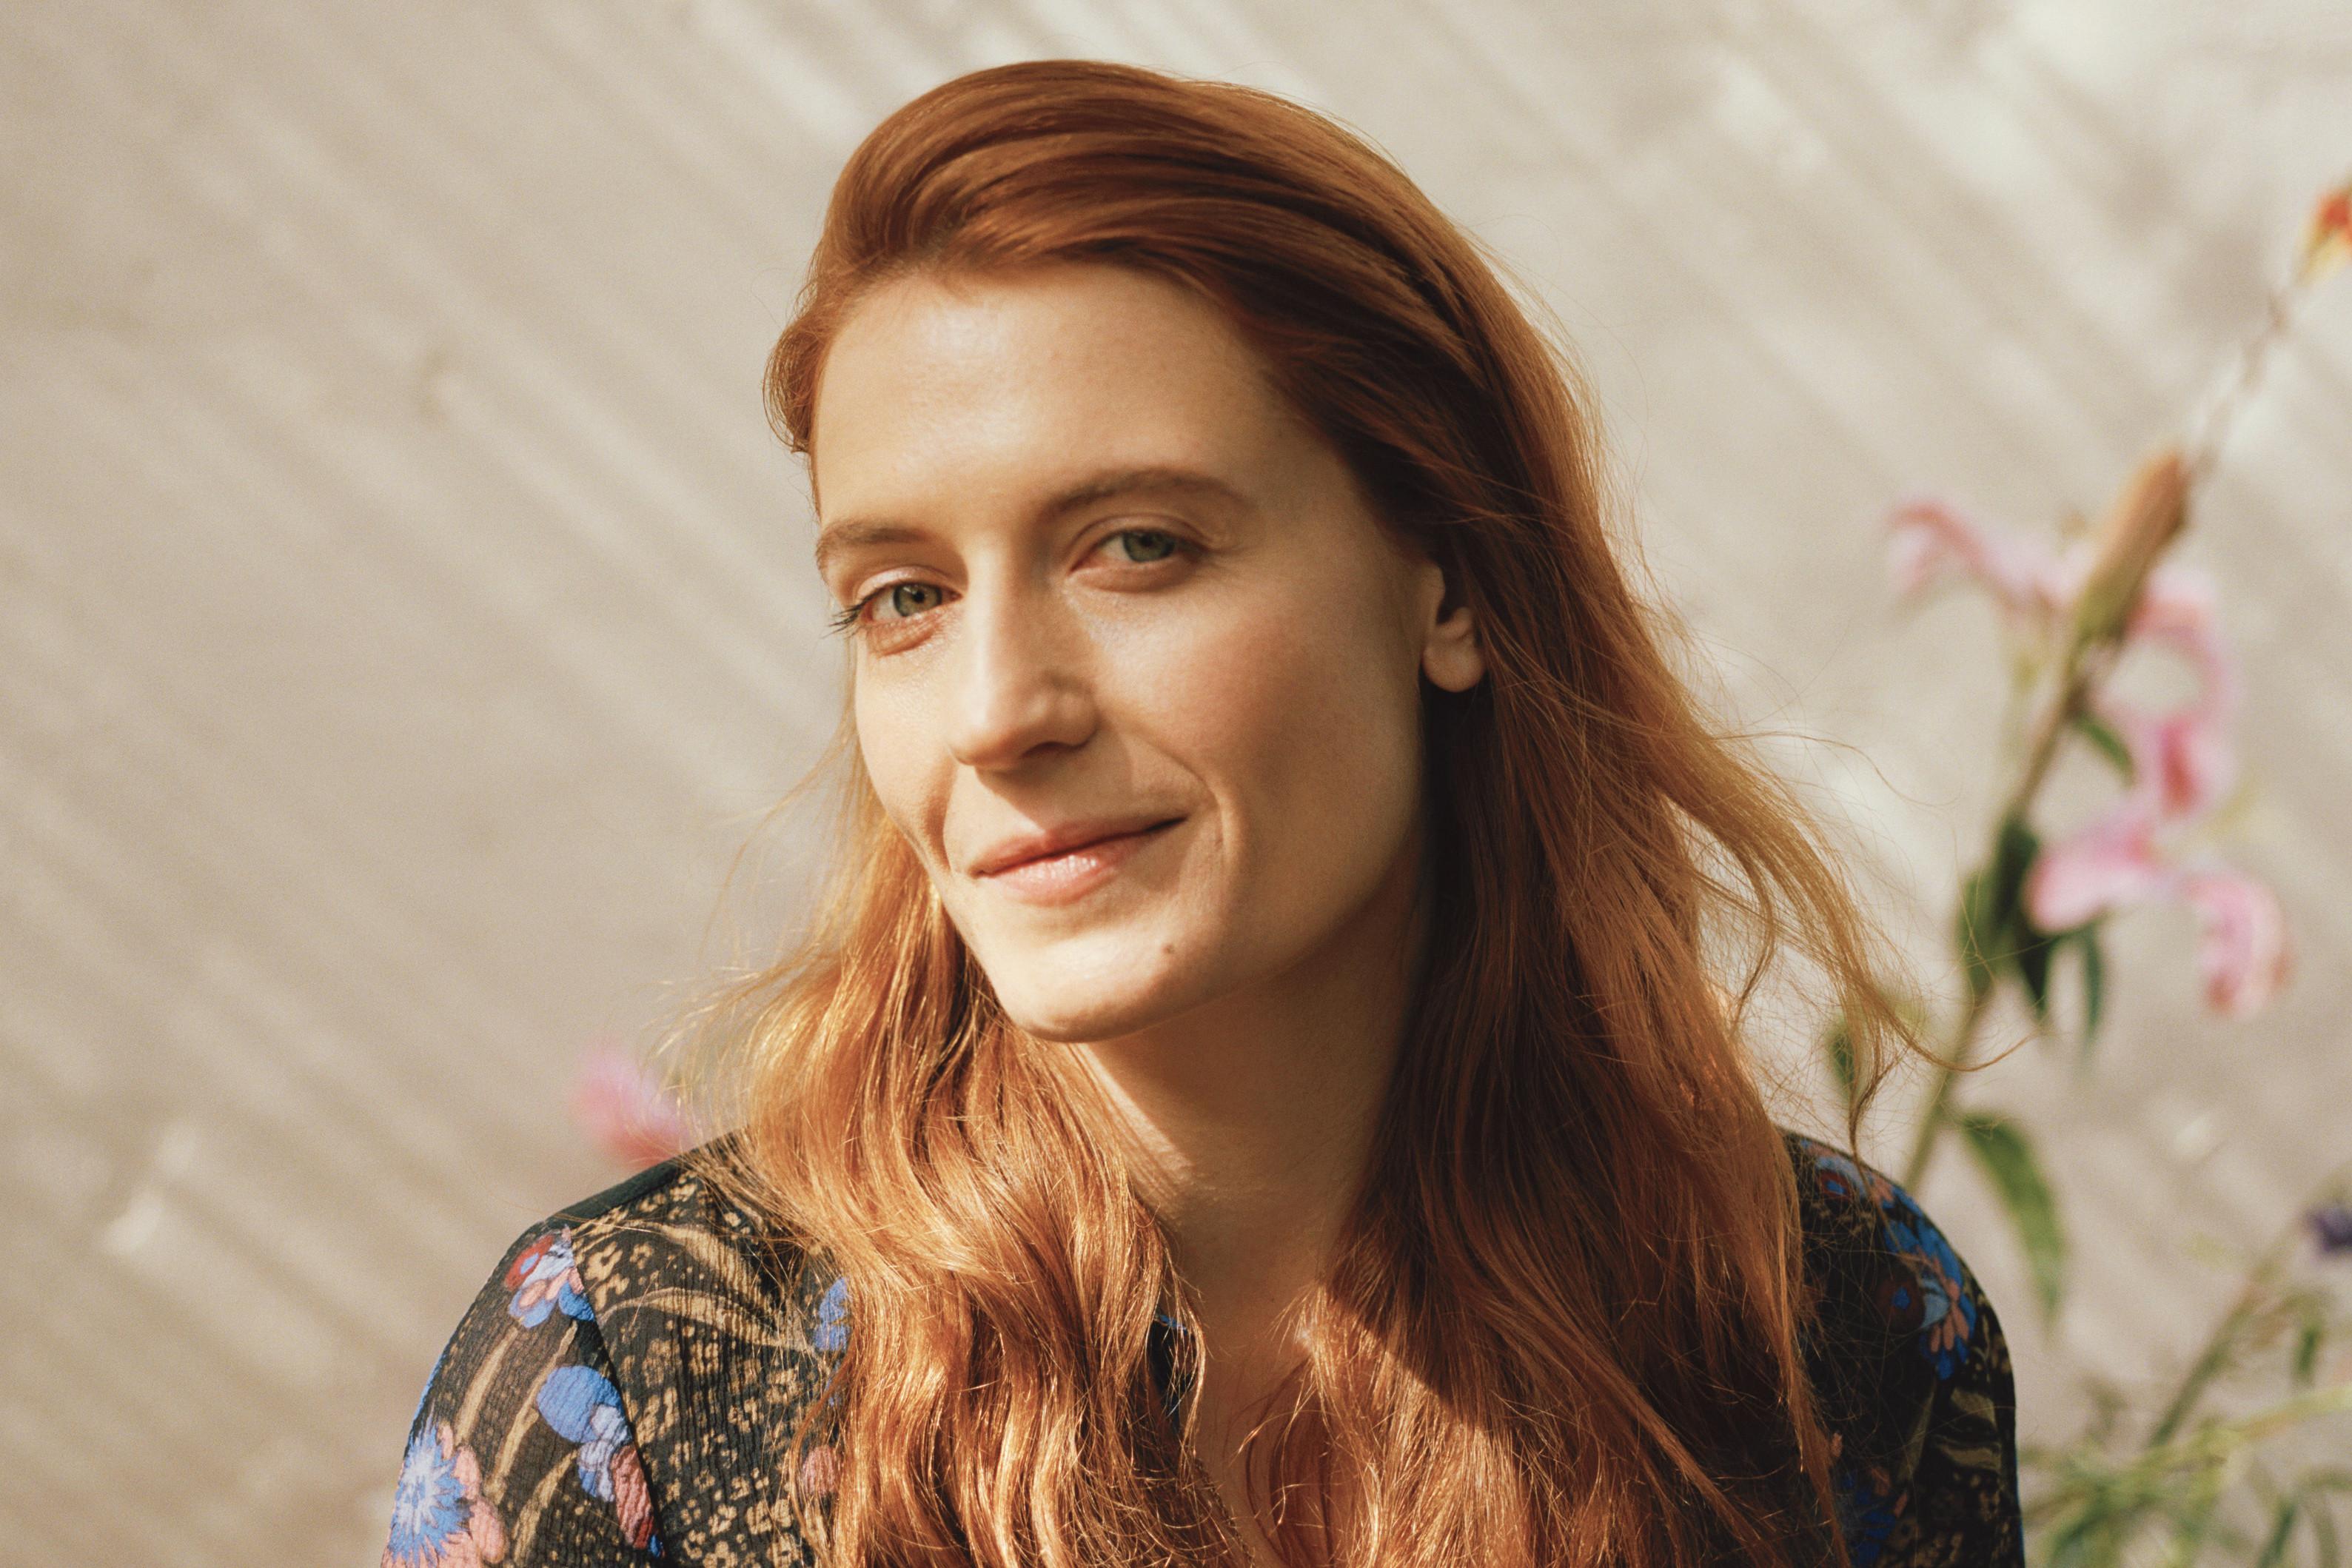 متن و ترجمه آهنگ های فلورنس + ماشین - Florence + The Machine